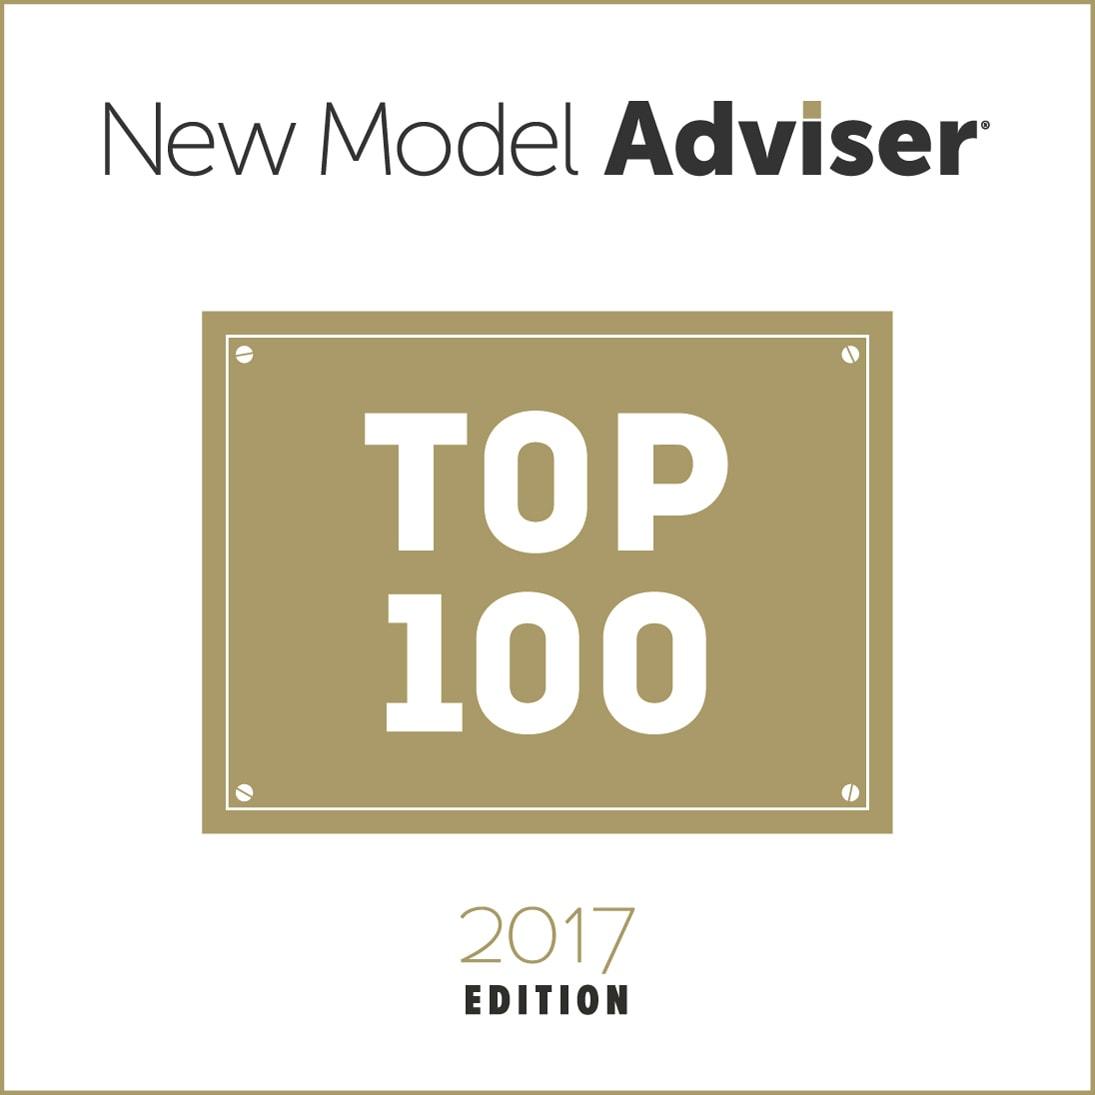 New Model Advisor Top 100 2017